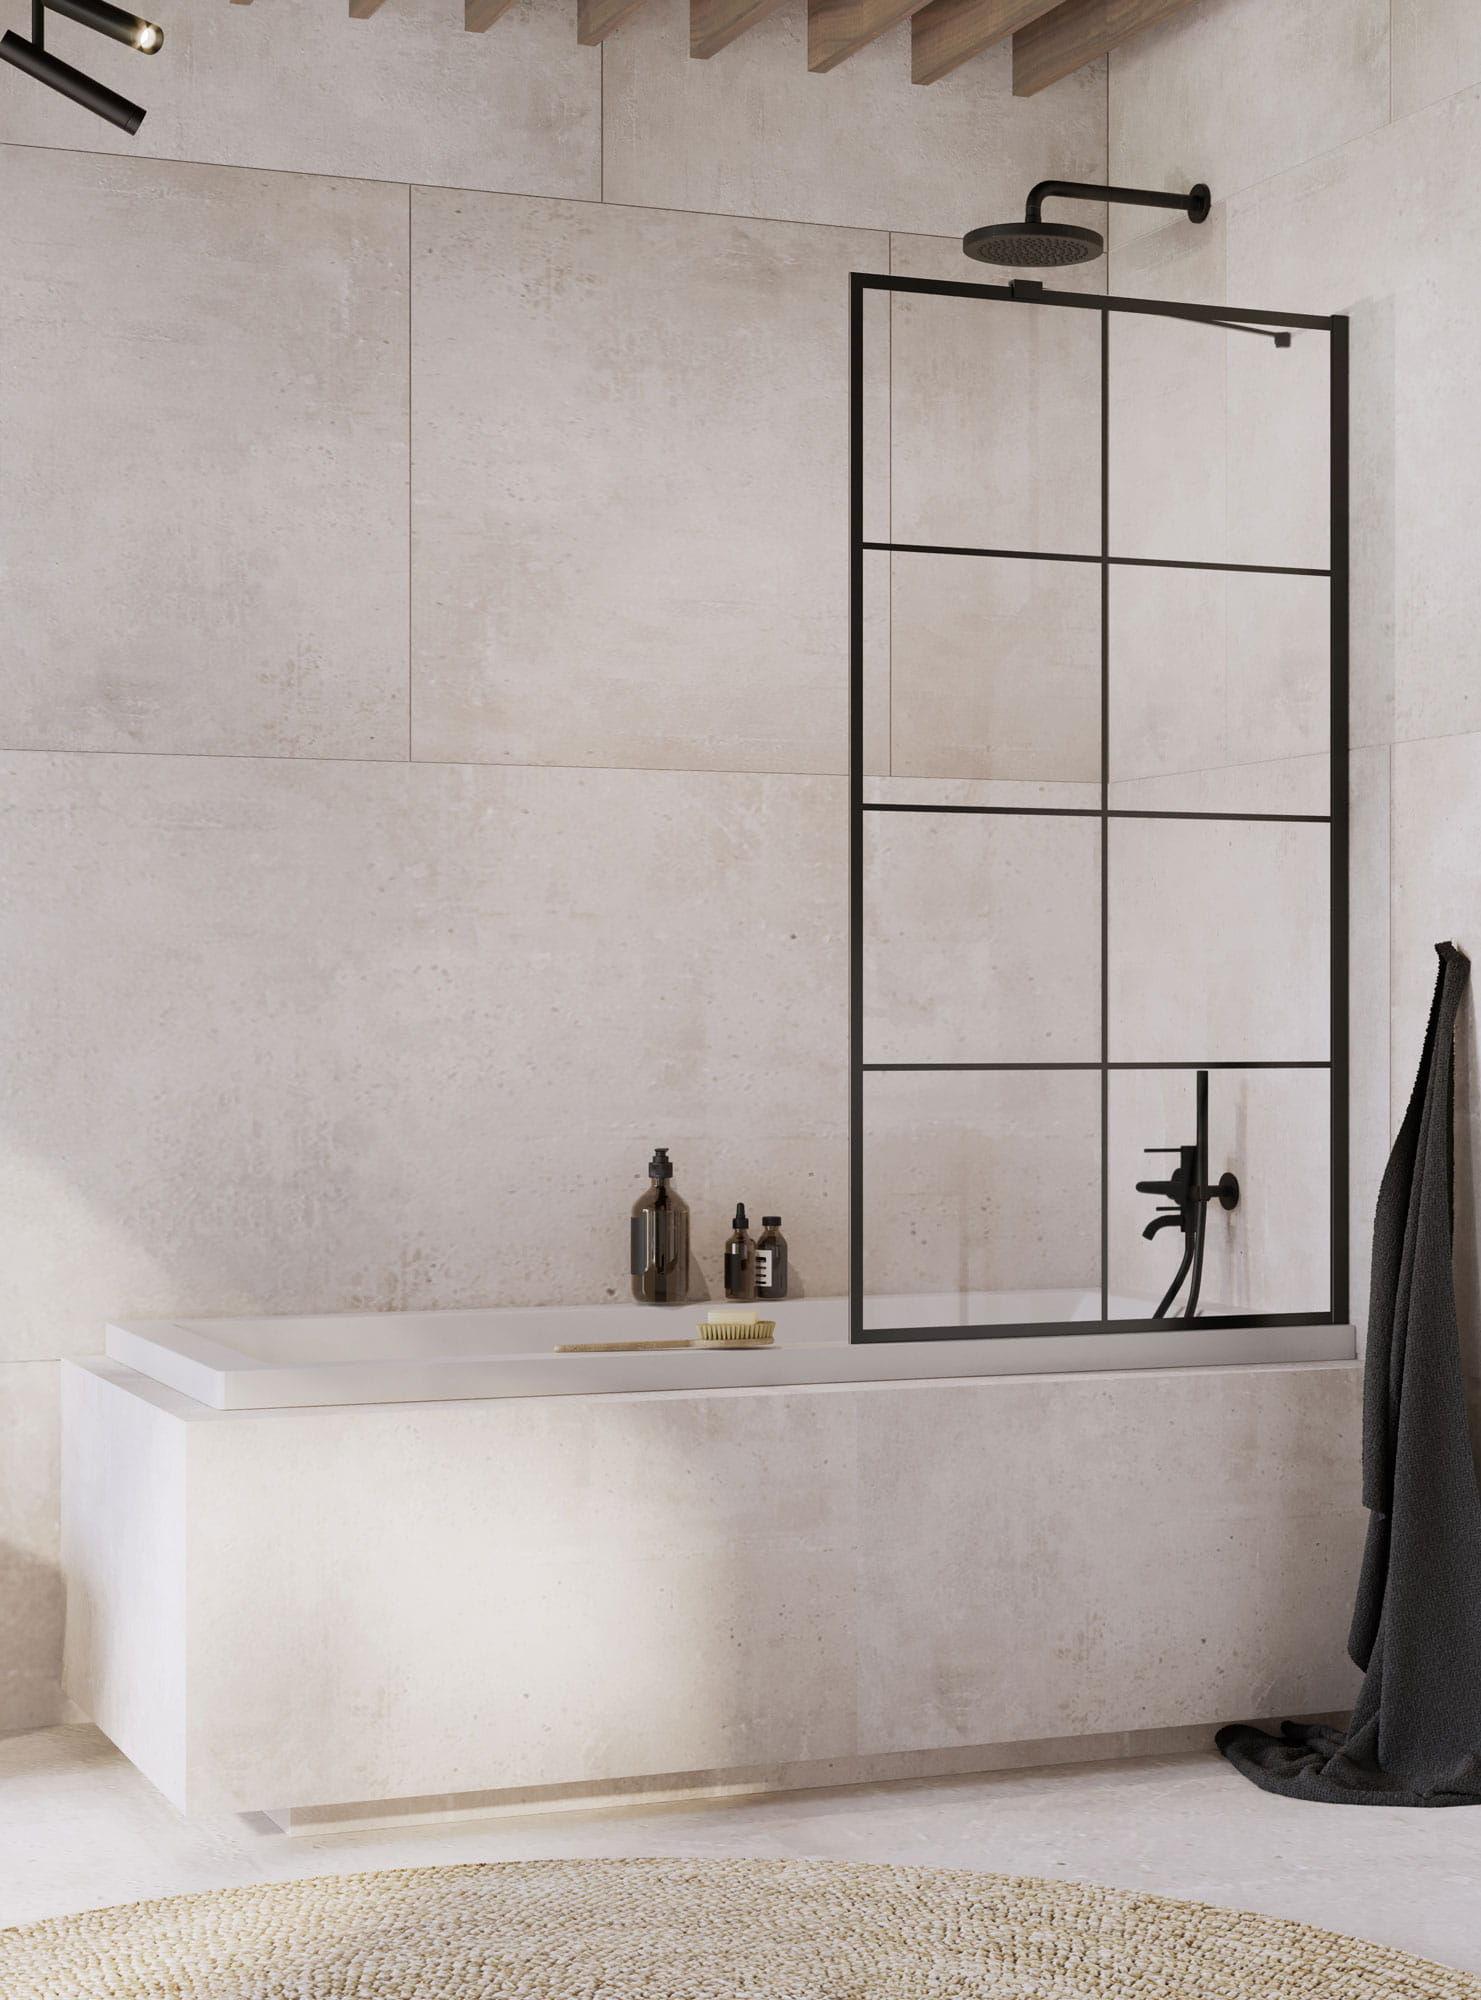 Radaway parawan nawannowy Idea Black PNJ Factory 90 cm, szkło przejrzyste, wys. 150 cm 10001090-54-55